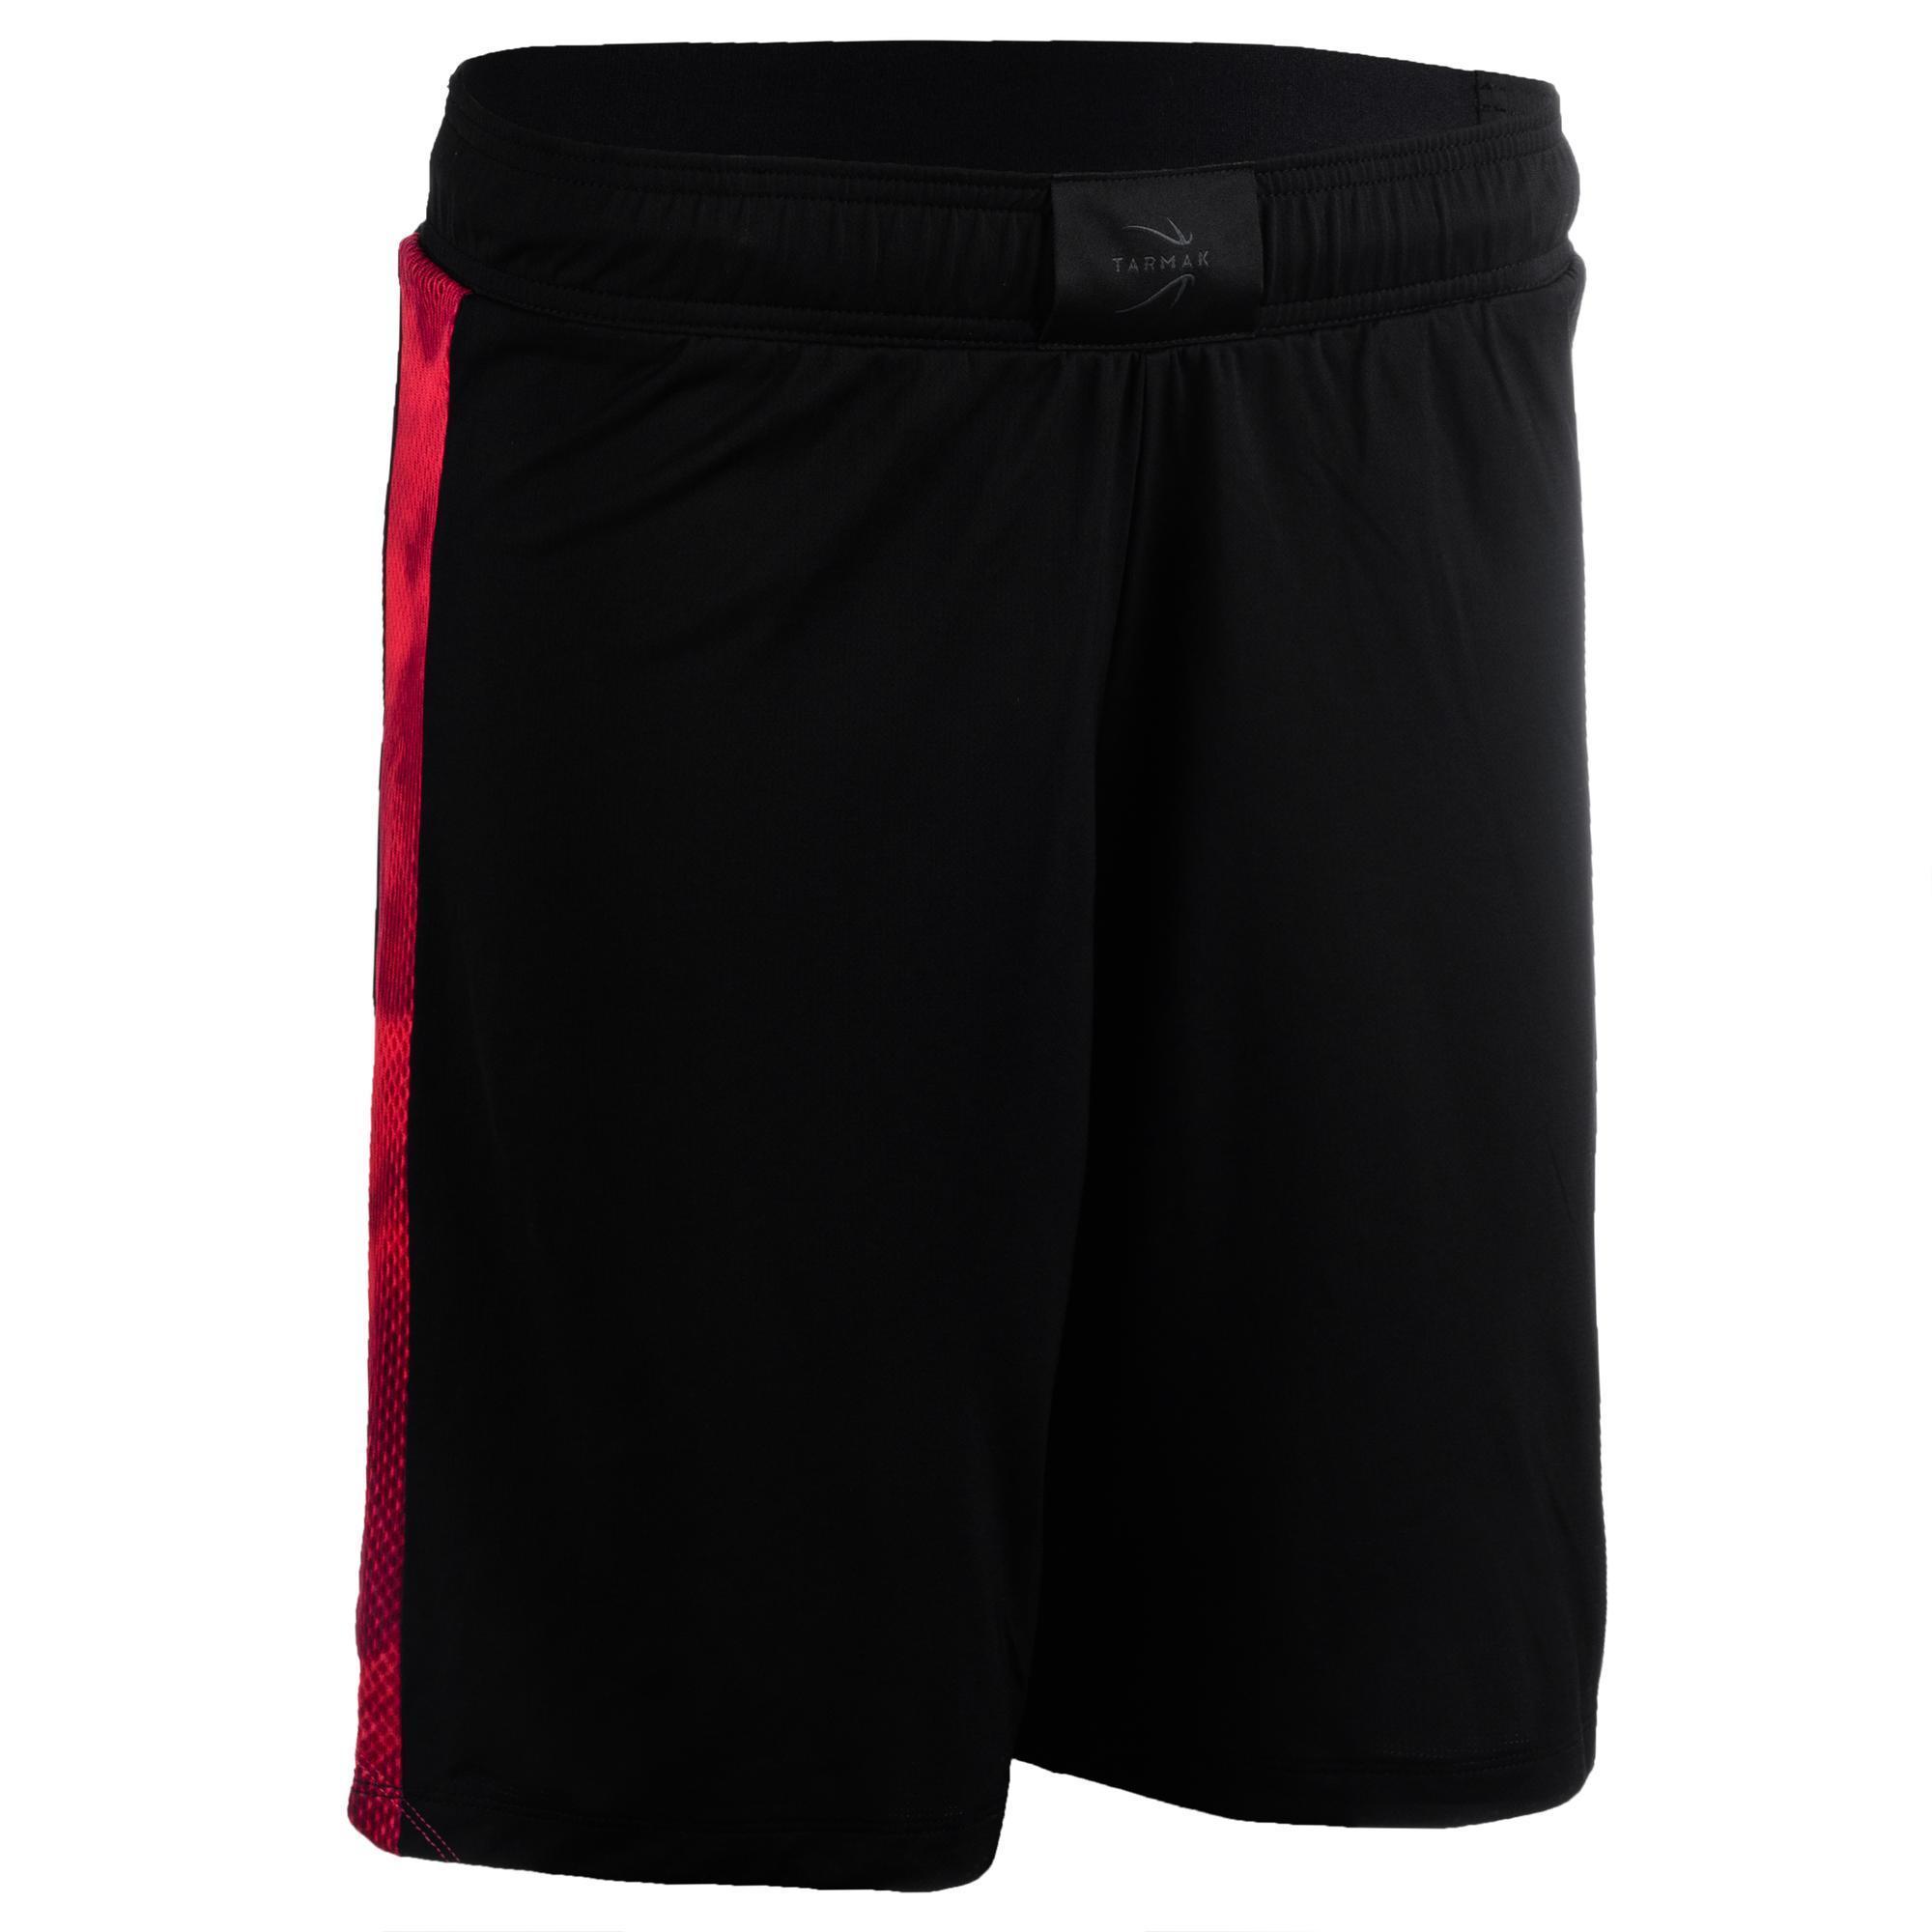 Short de basketball femme noir rose sh500 tarmak